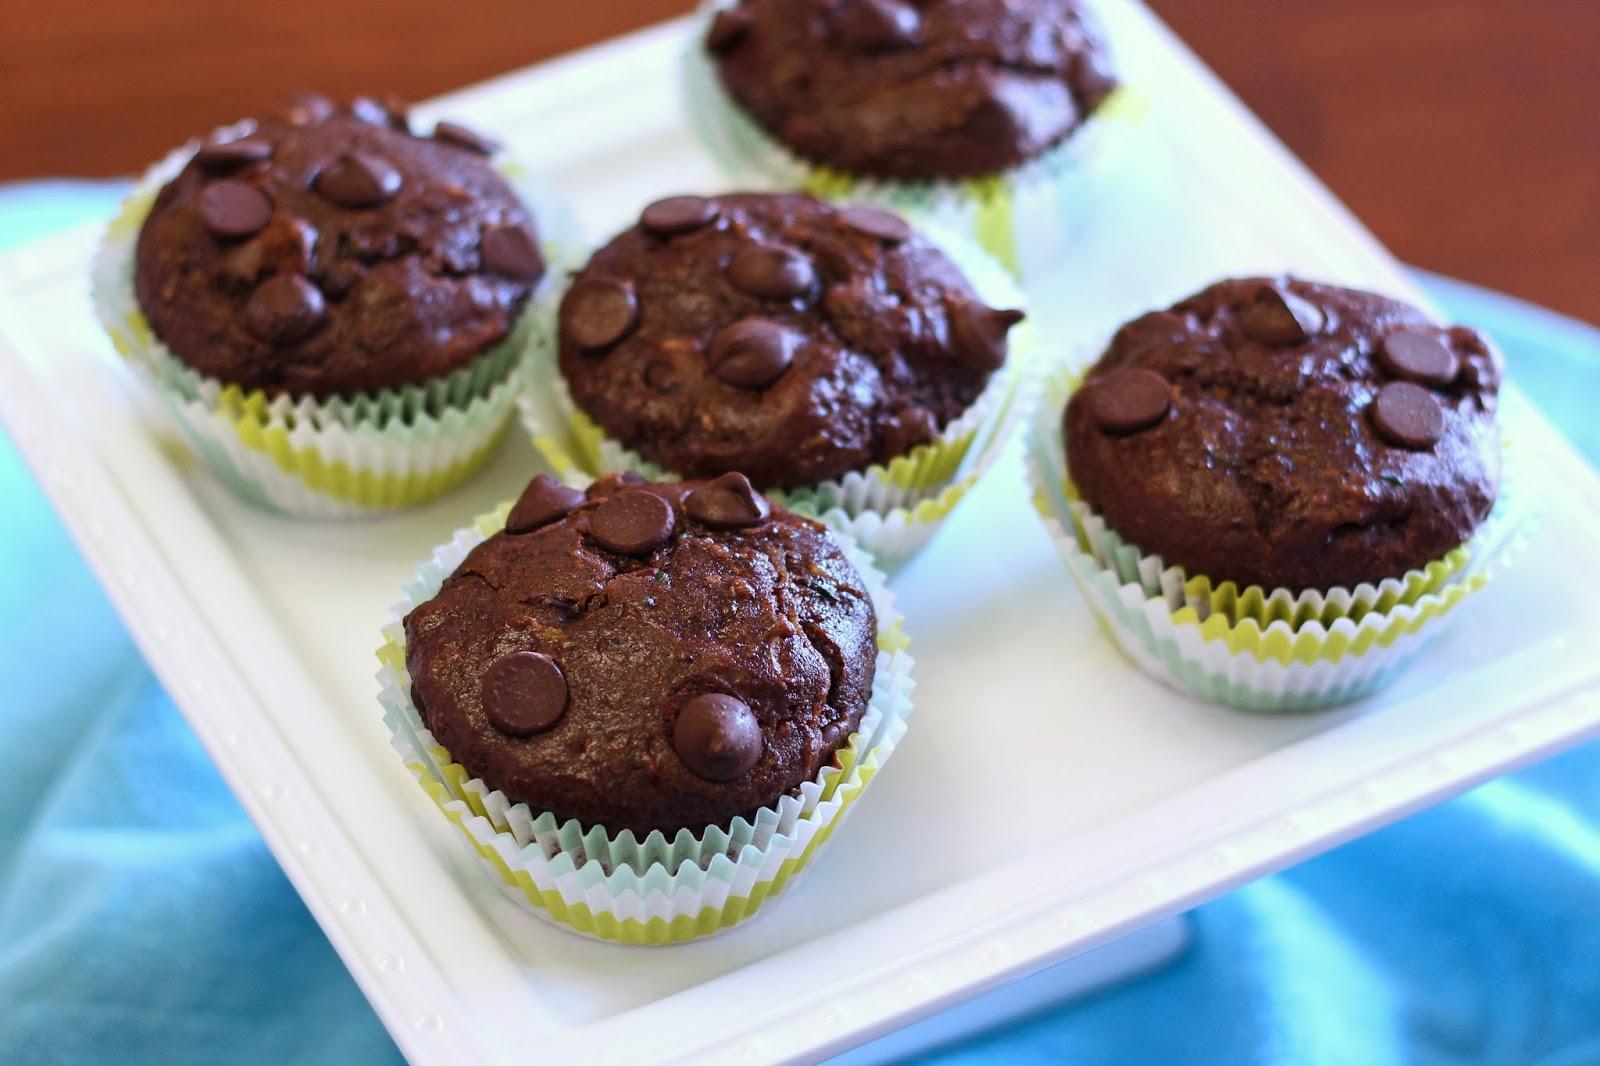 Gluten Free Vegan Double Chocolate Zucchini Muffins Sarah Bakes